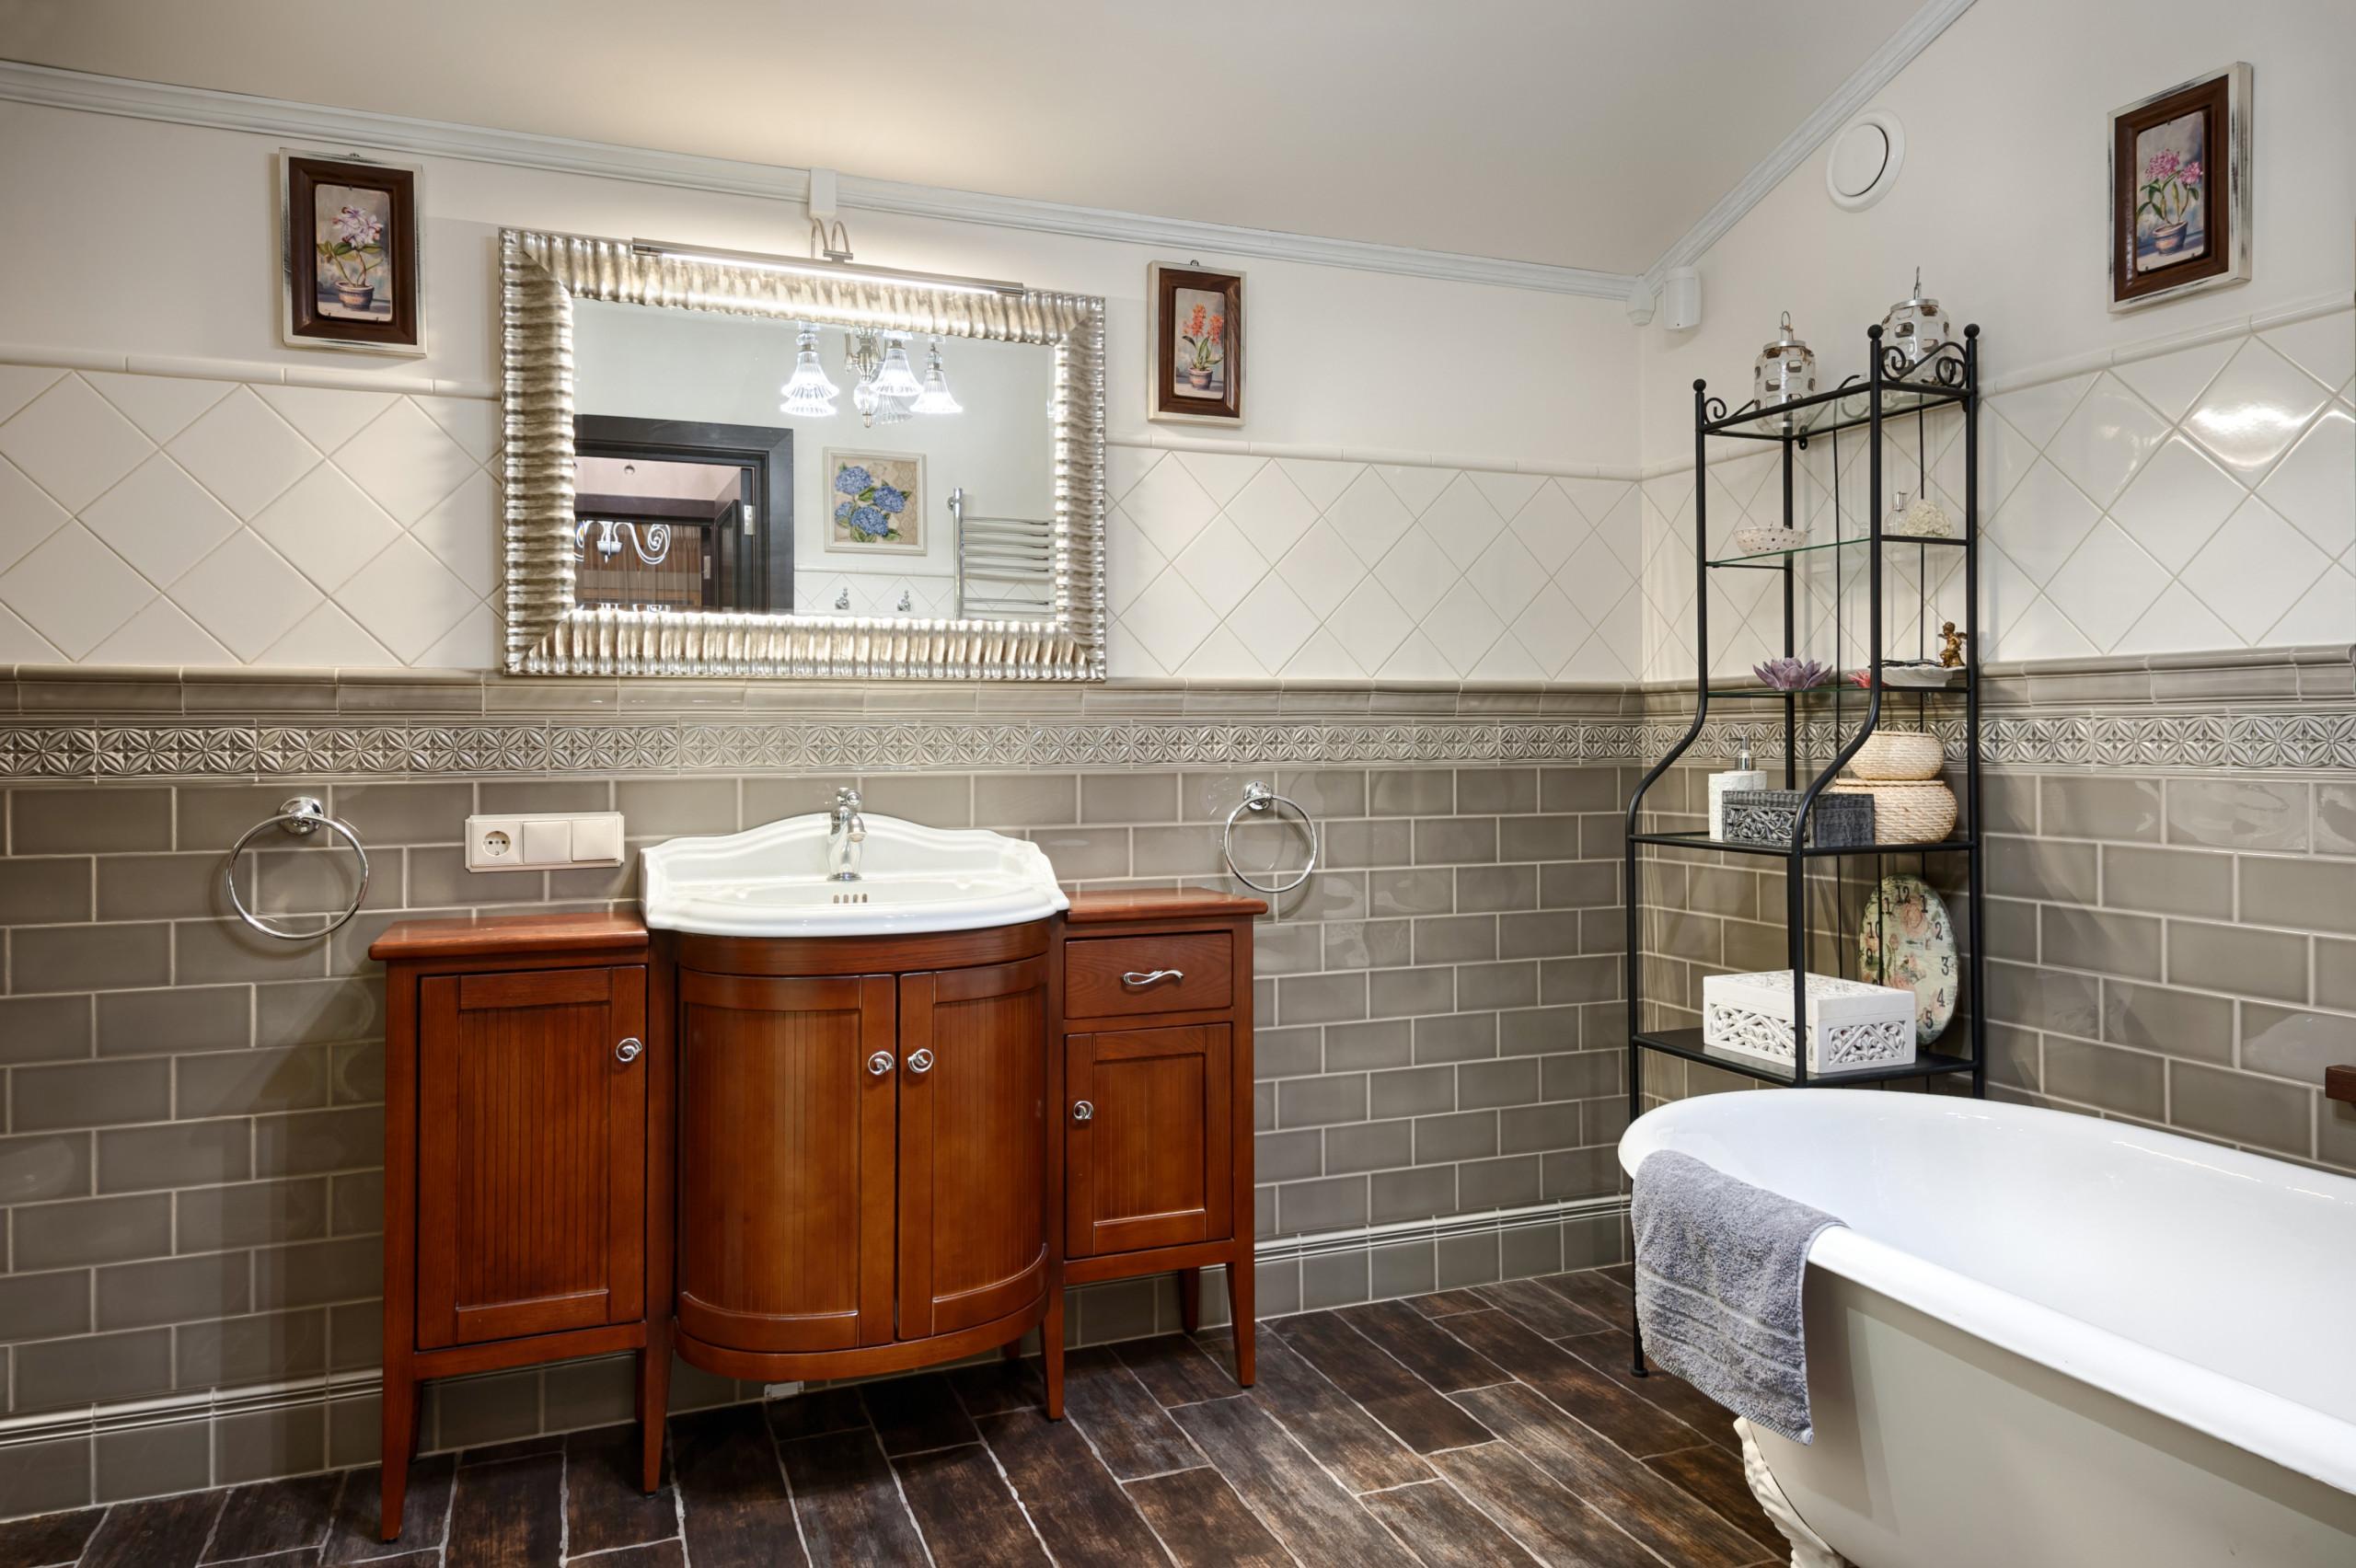 Темно-серая плитка в сочетании с белой ванной, деревянной мебелью и коричневым полом